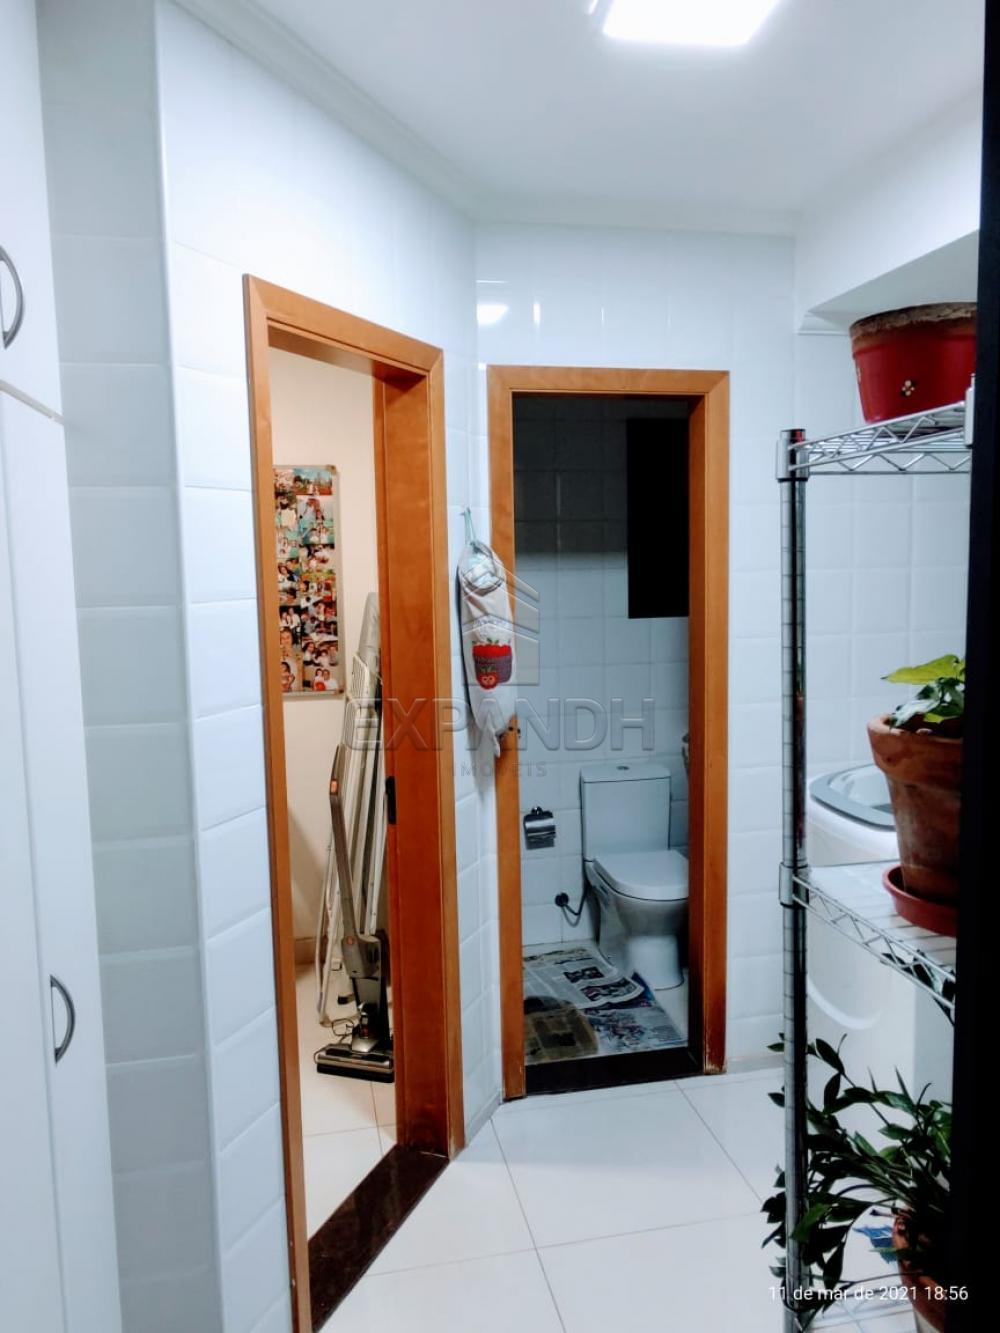 Comprar Apartamentos / Padrão em Sertãozinho R$ 590.000,00 - Foto 14